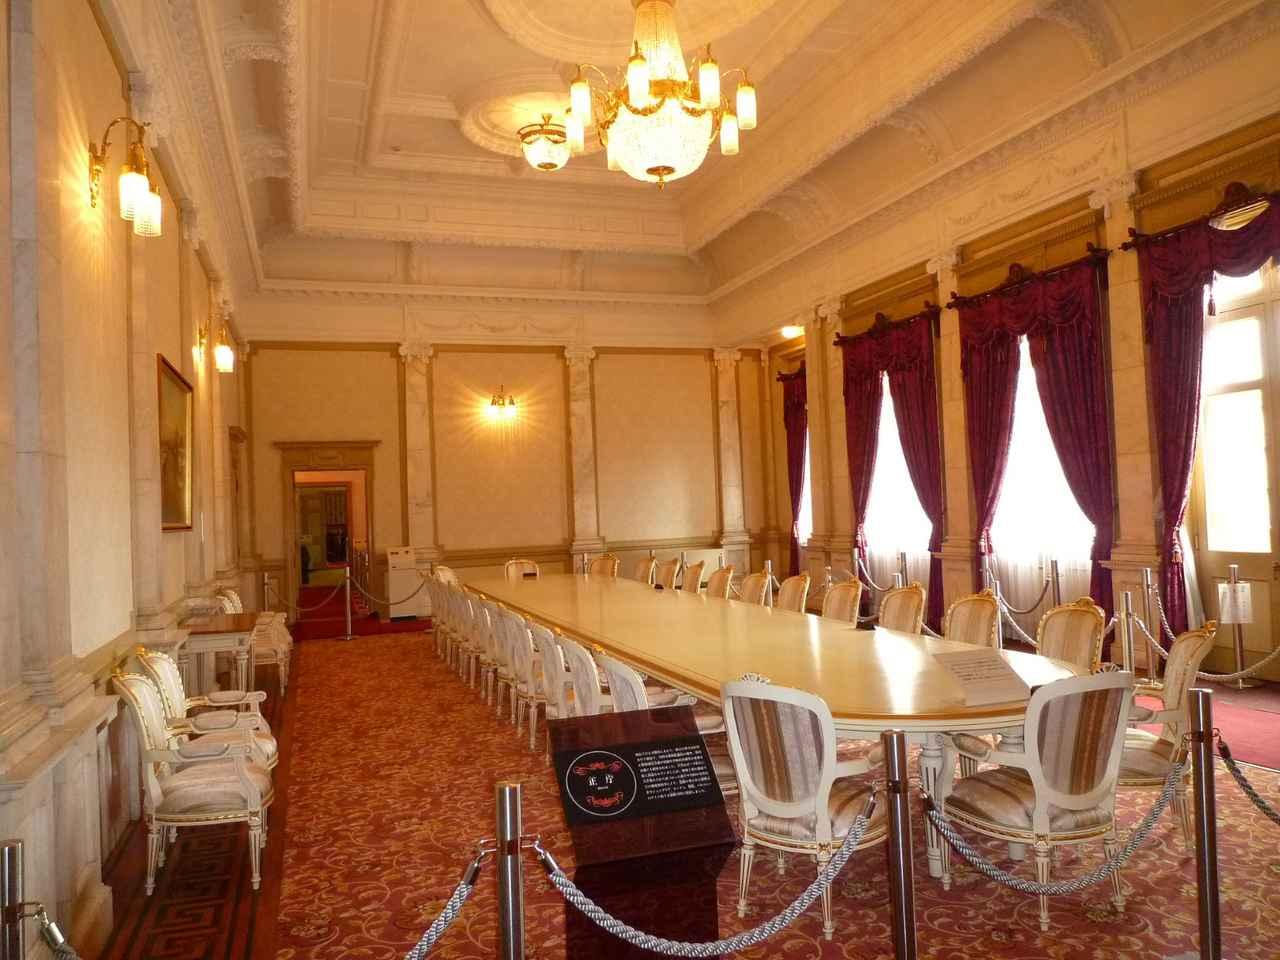 画像3: 【山形】壮麗な雰囲気はまるでイギリスの宮殿そのもの、山形県郷土館「文翔館」